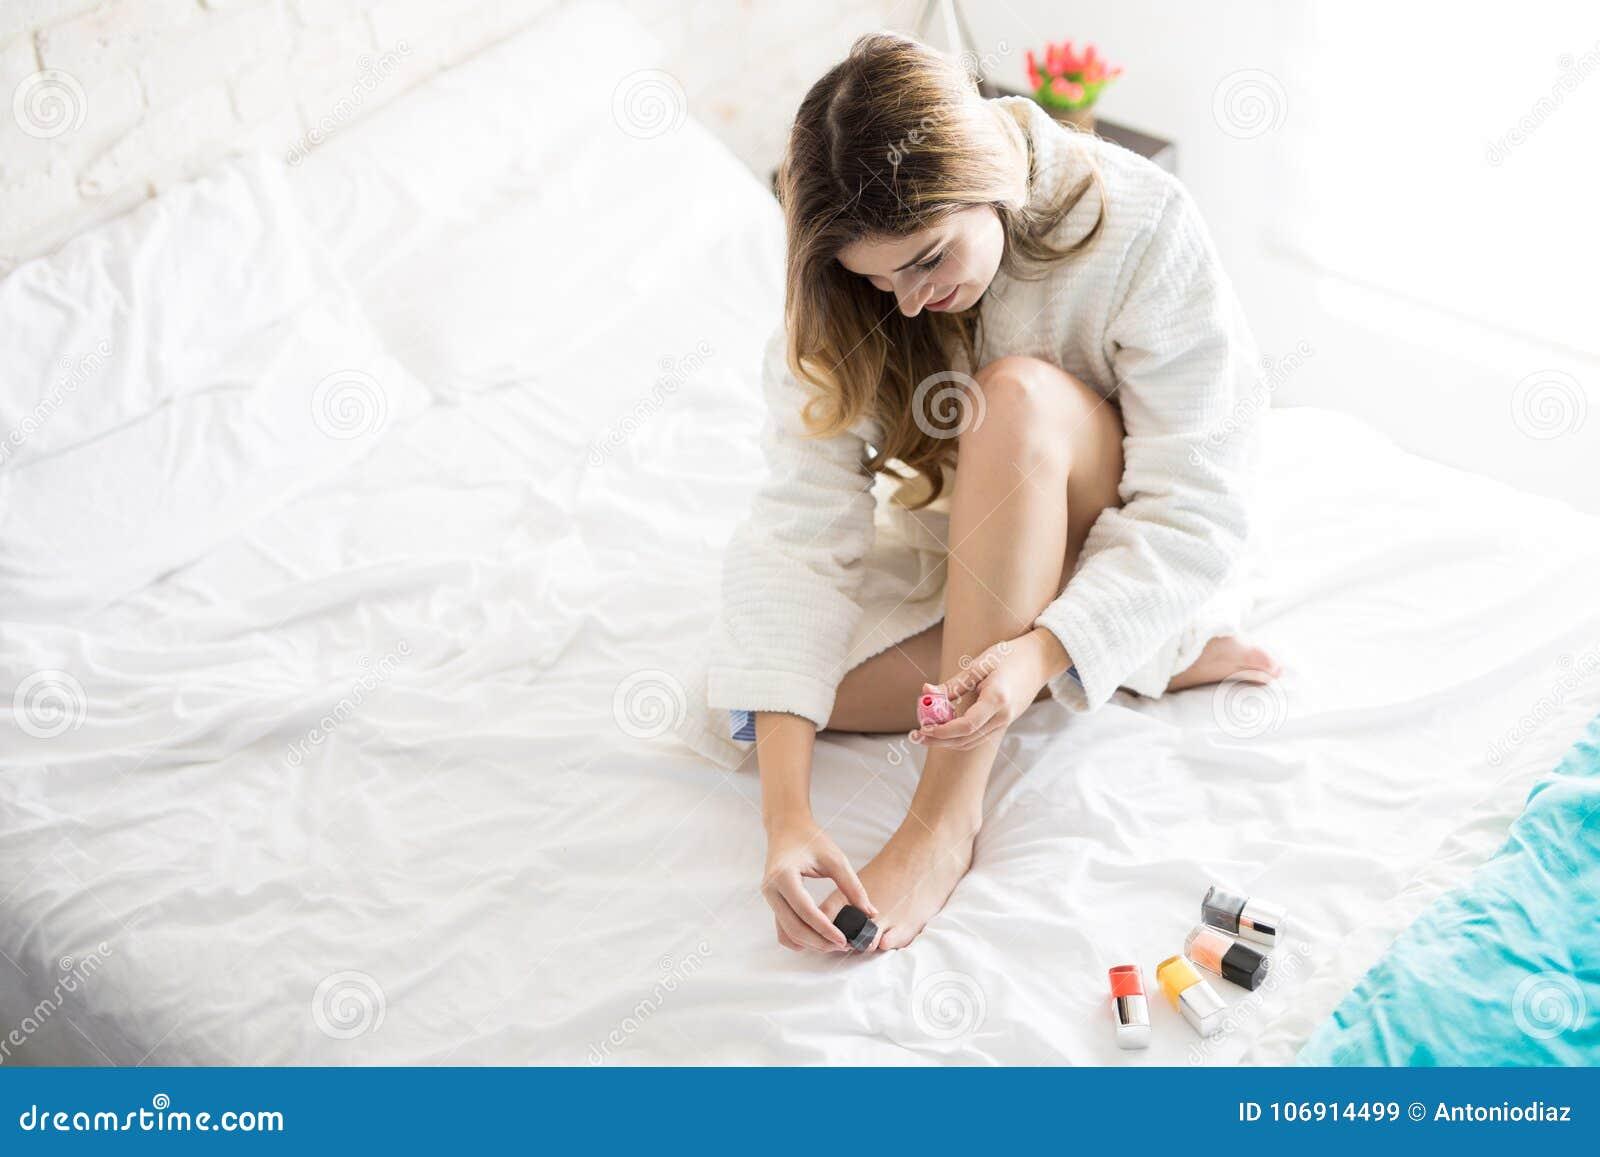 Używać gwoździa połysk na ona palec u nogi